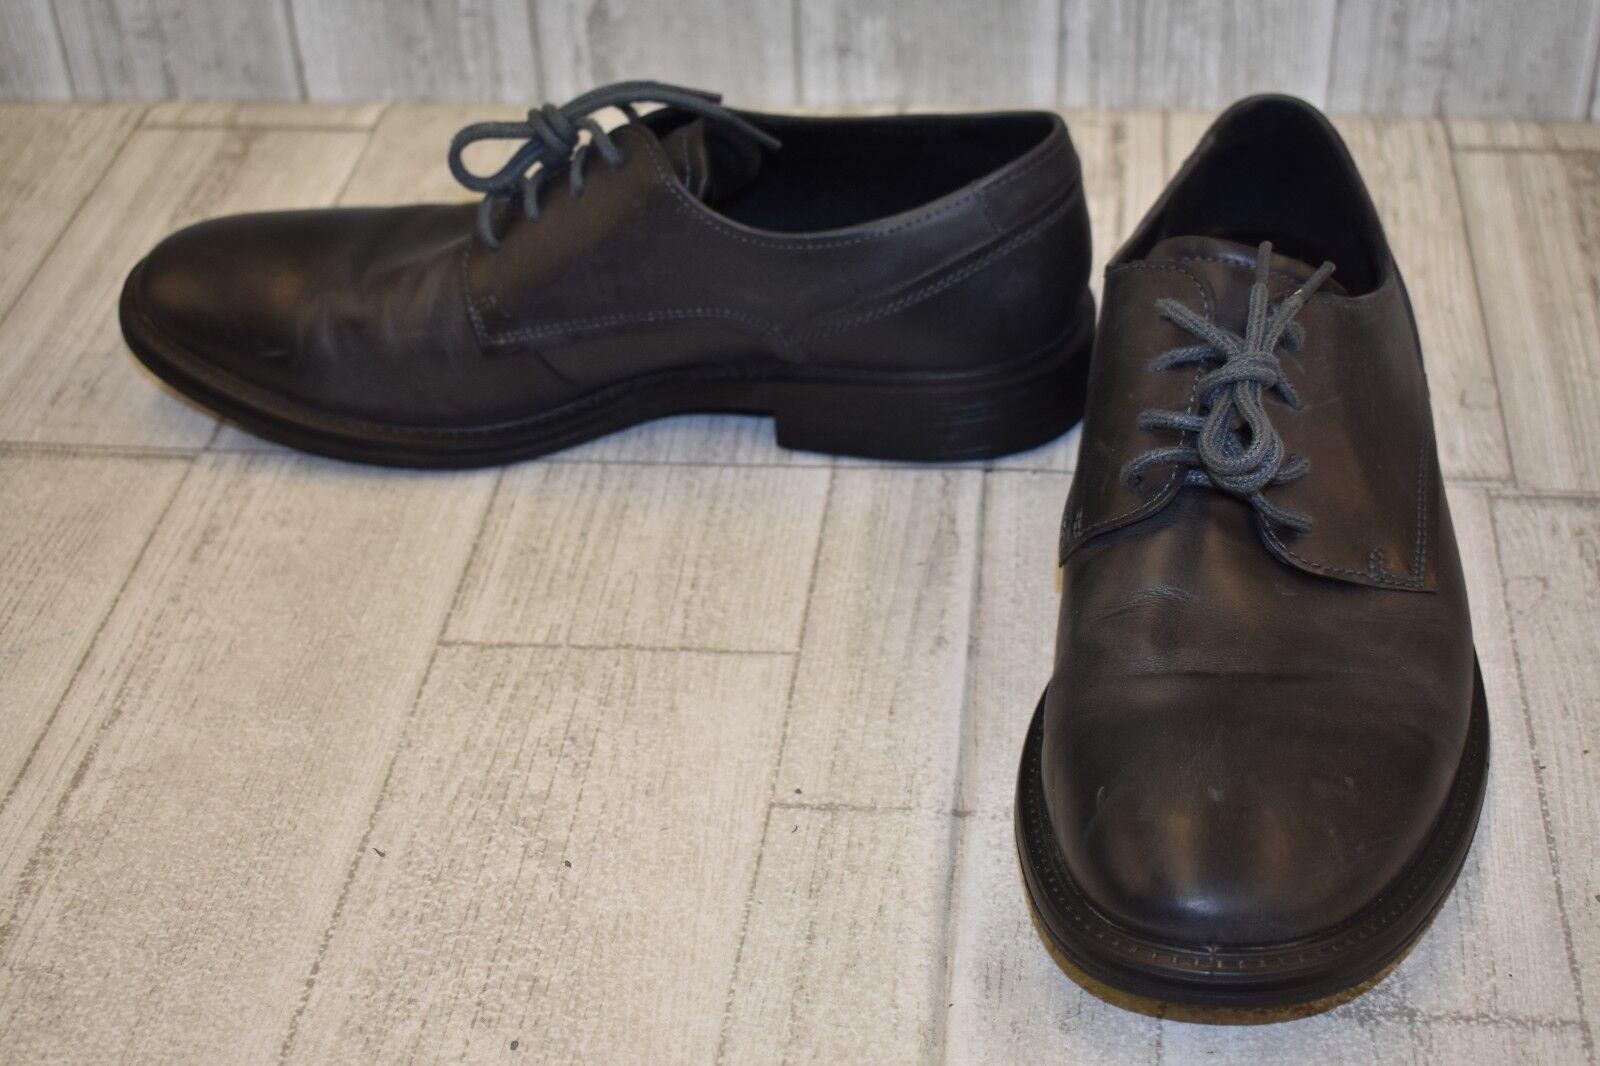 ECCO Knoxville Derby Cap Toe shoes - Men's Size 11 - Moonless